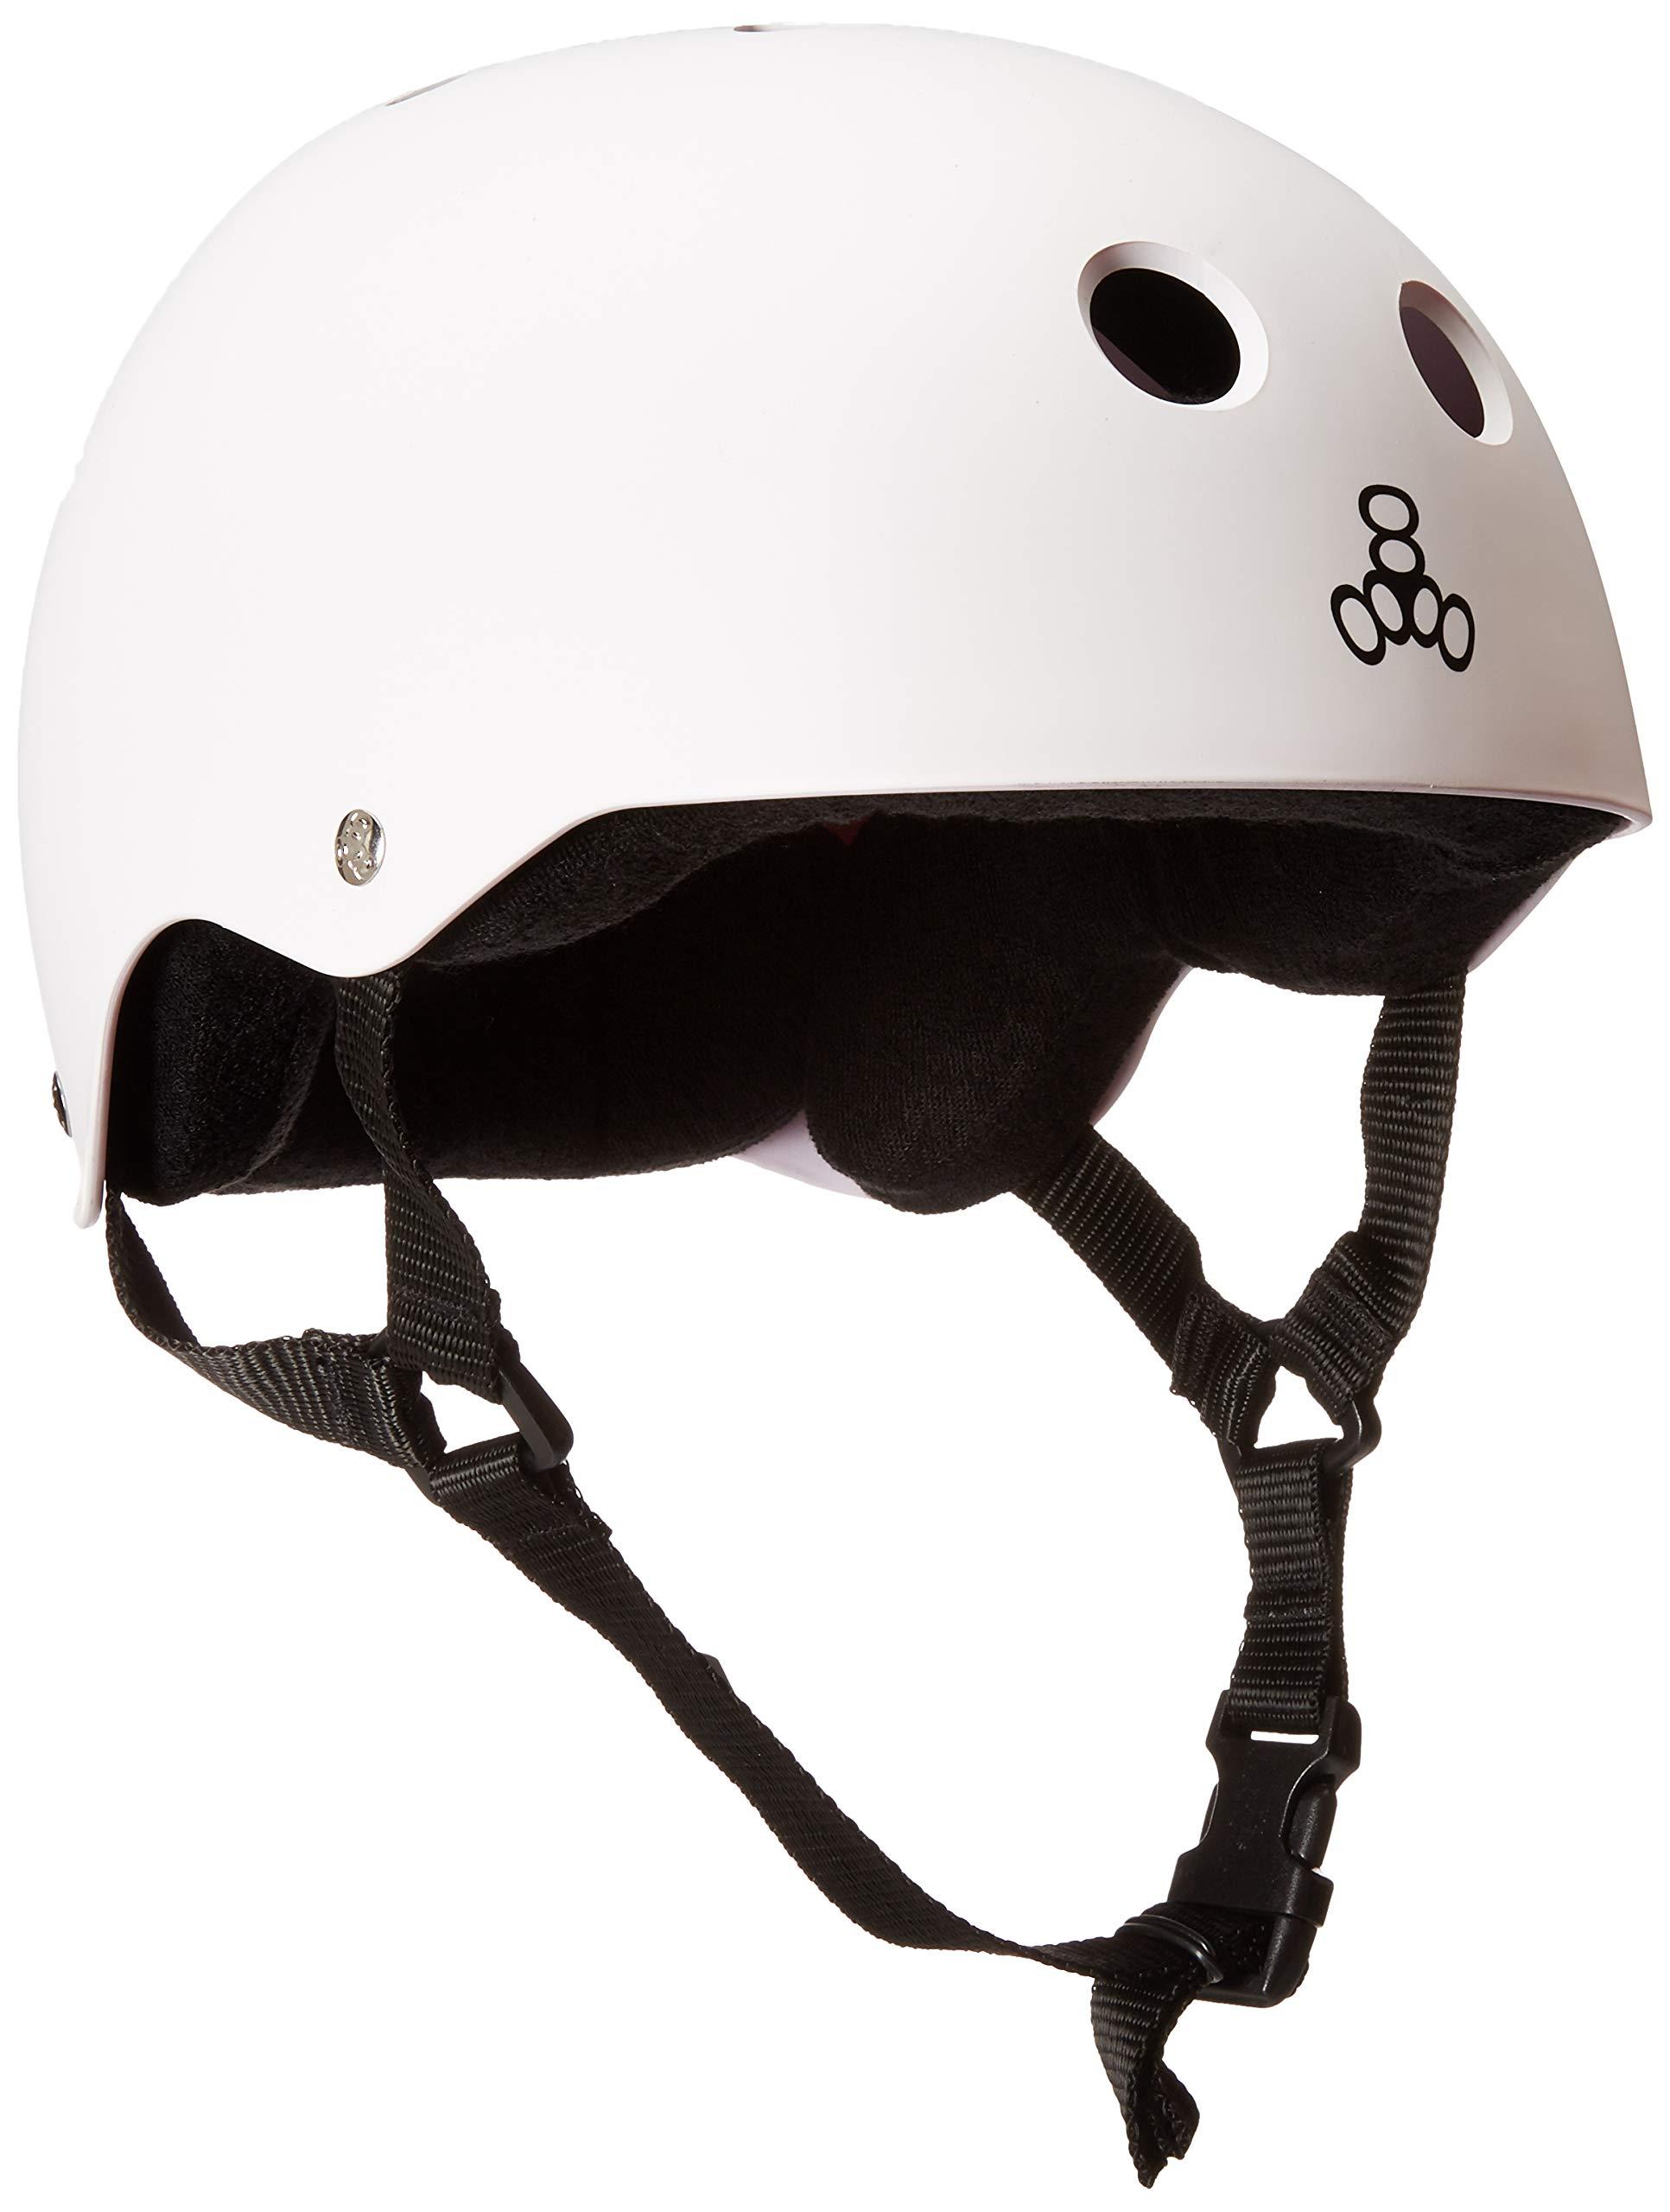 Triple 8 Sweatsaver Liner Skateboarding Helmet, White Rubber, S